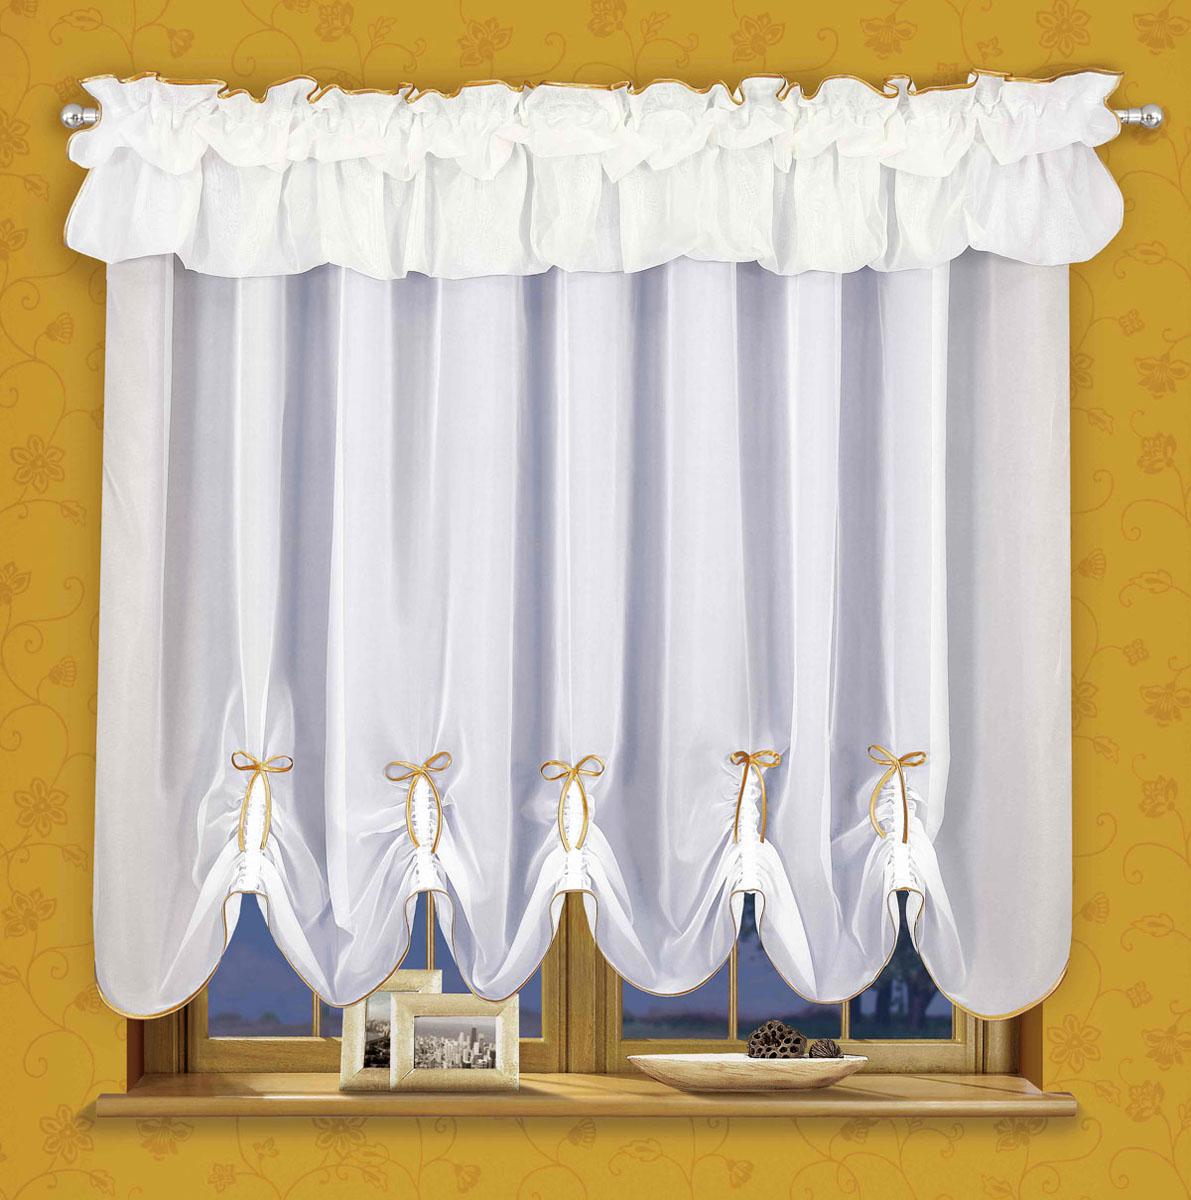 Гардина Wisan, цвет: белый, ширина 170 см, высота 150 см5883Штора белого цвета с фалдами.Размеры: ширина 170*выс.150